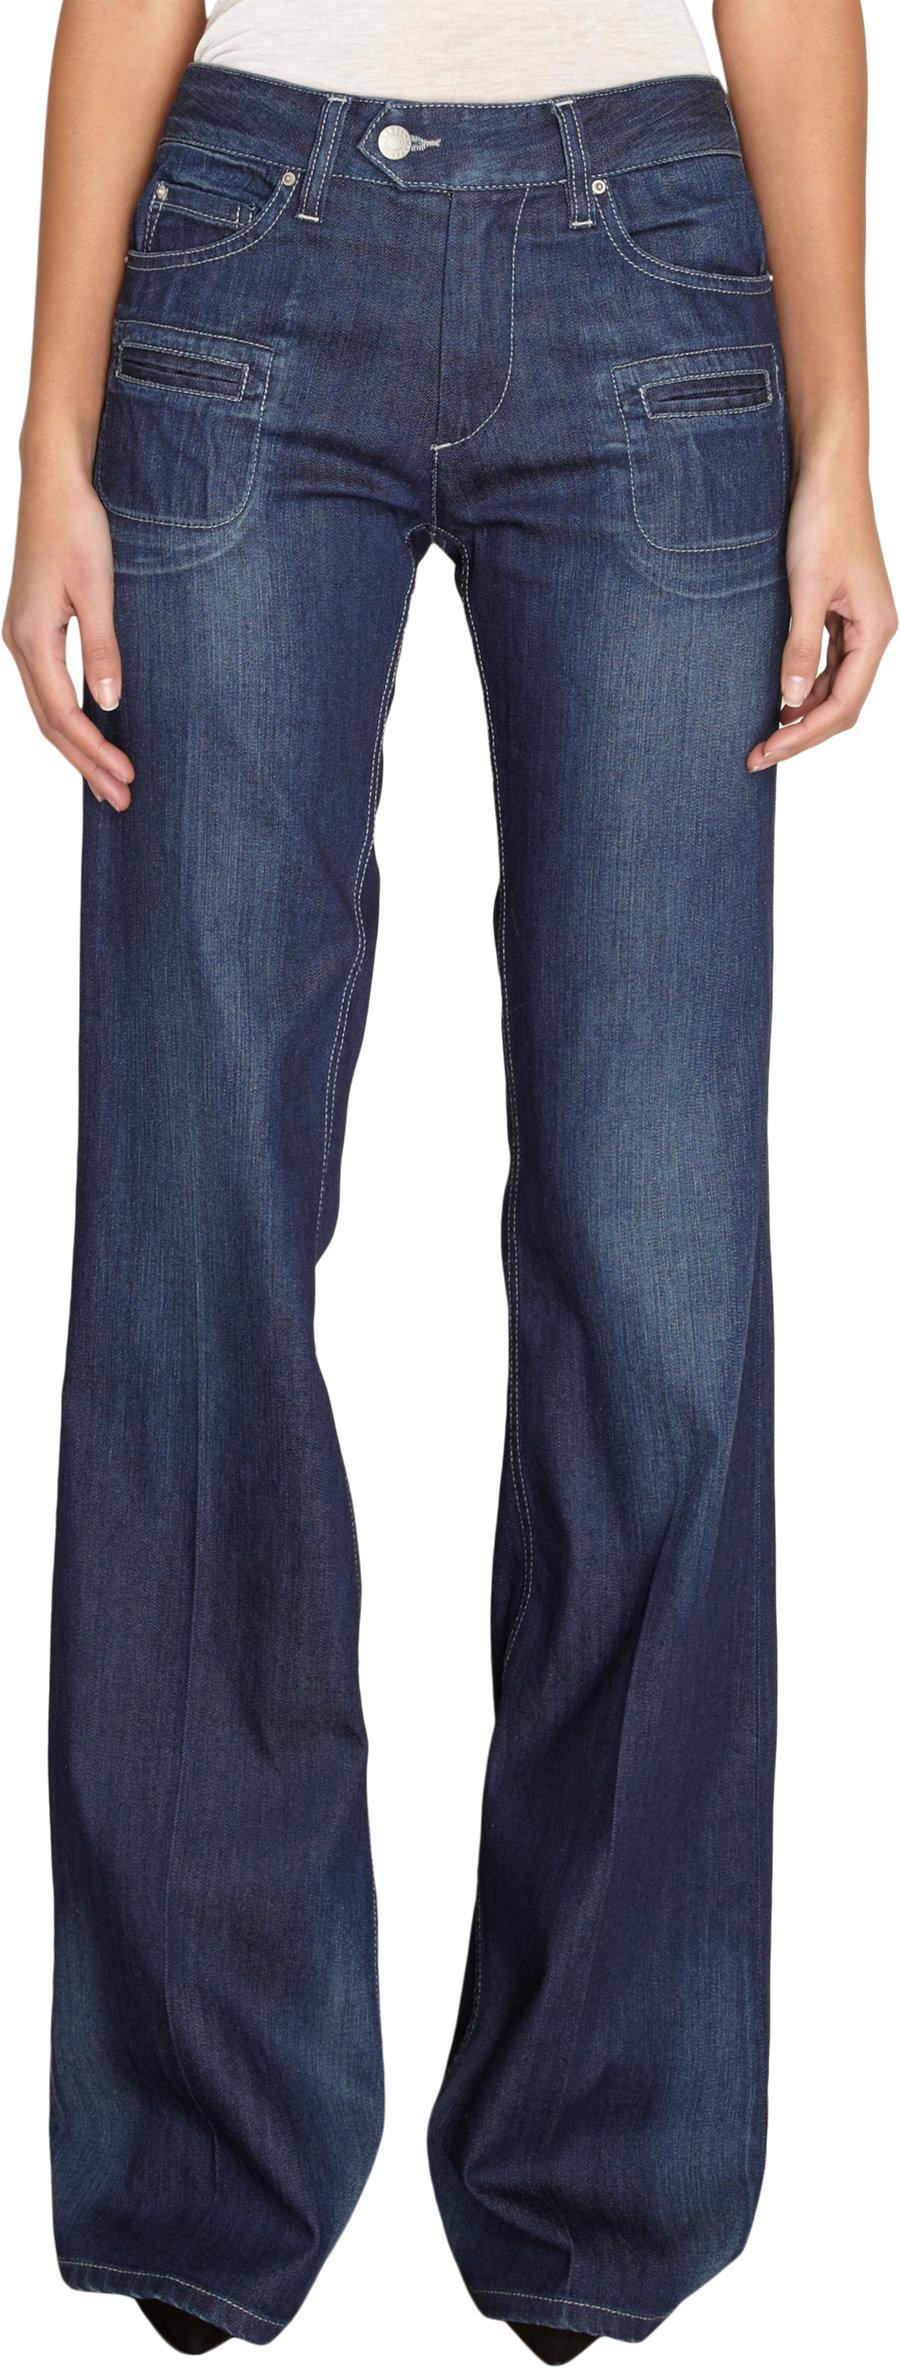 ISABEL MARANT Karl Jeans $295